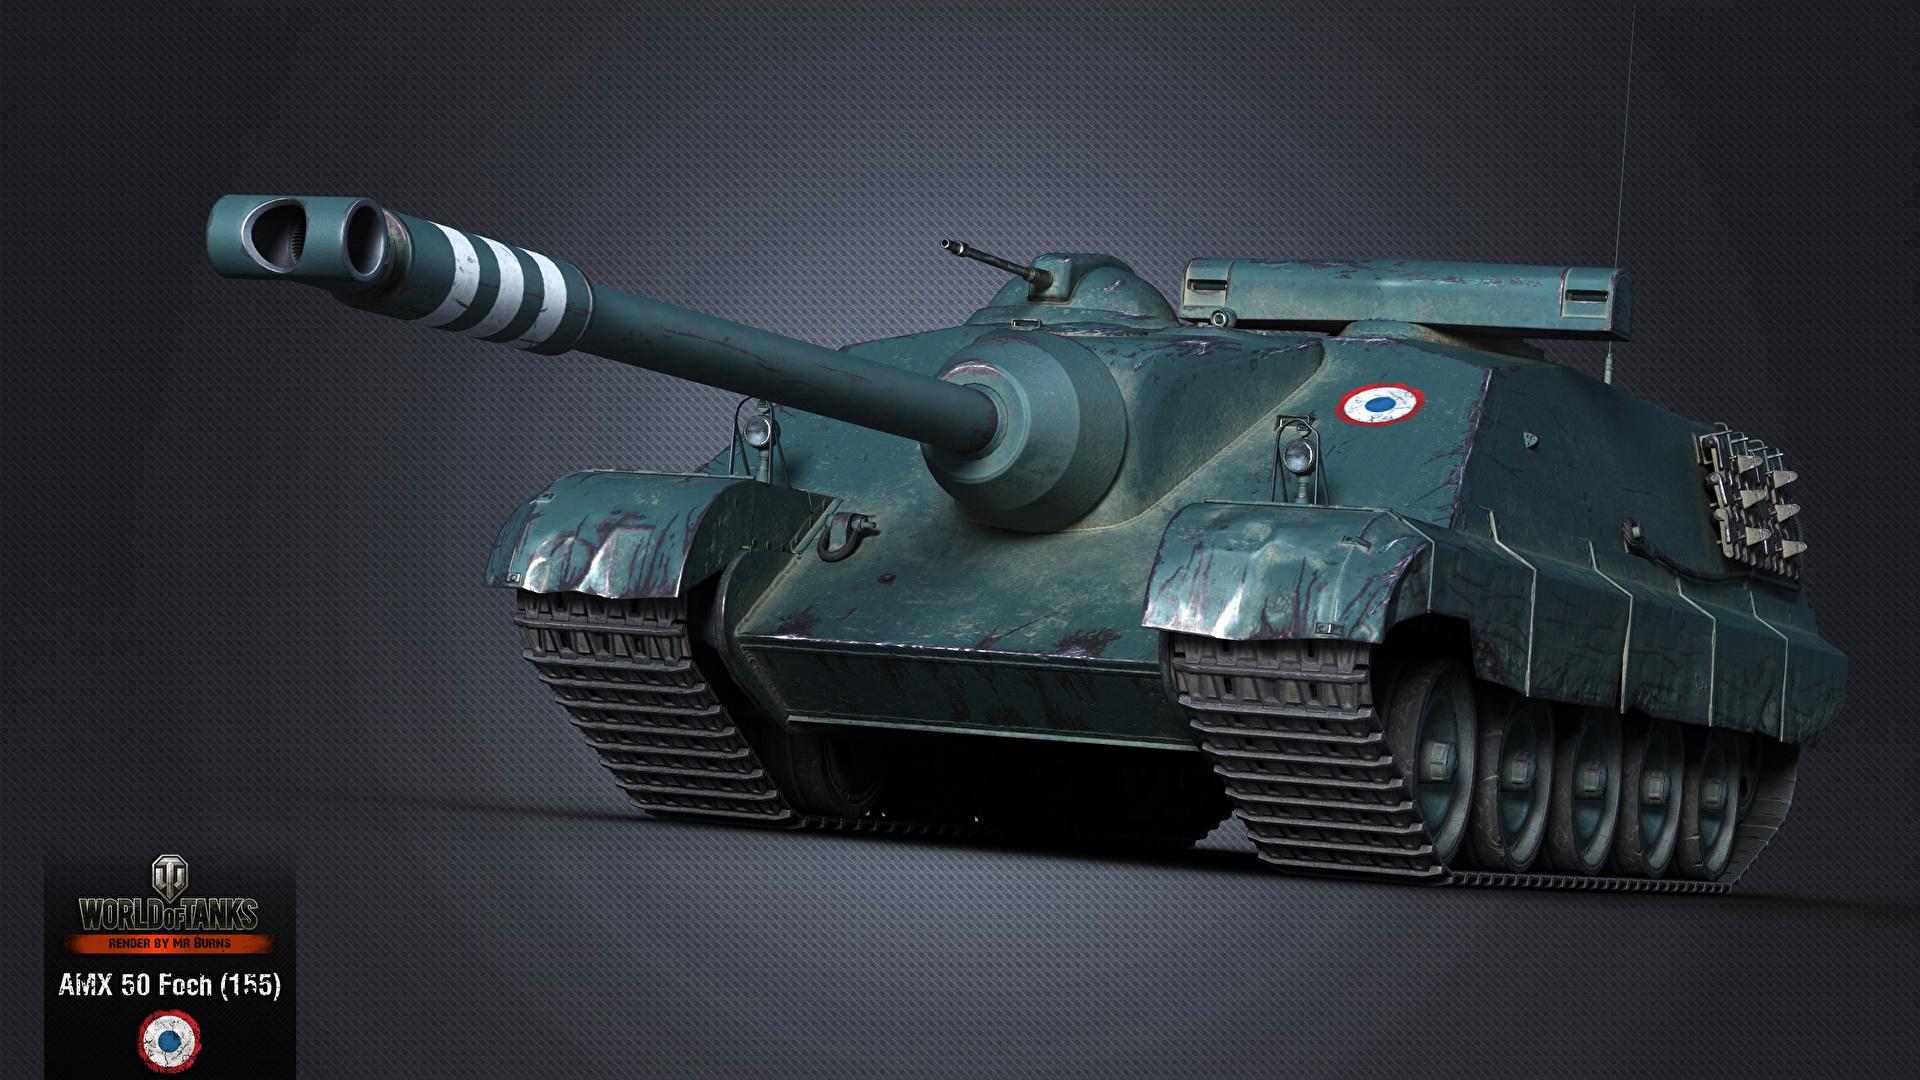 Фотография World of Tanks САУ AMX 50 Foch (155) 3д Игры 1920x1080 WOT Самоходка 3D Графика компьютерная игра